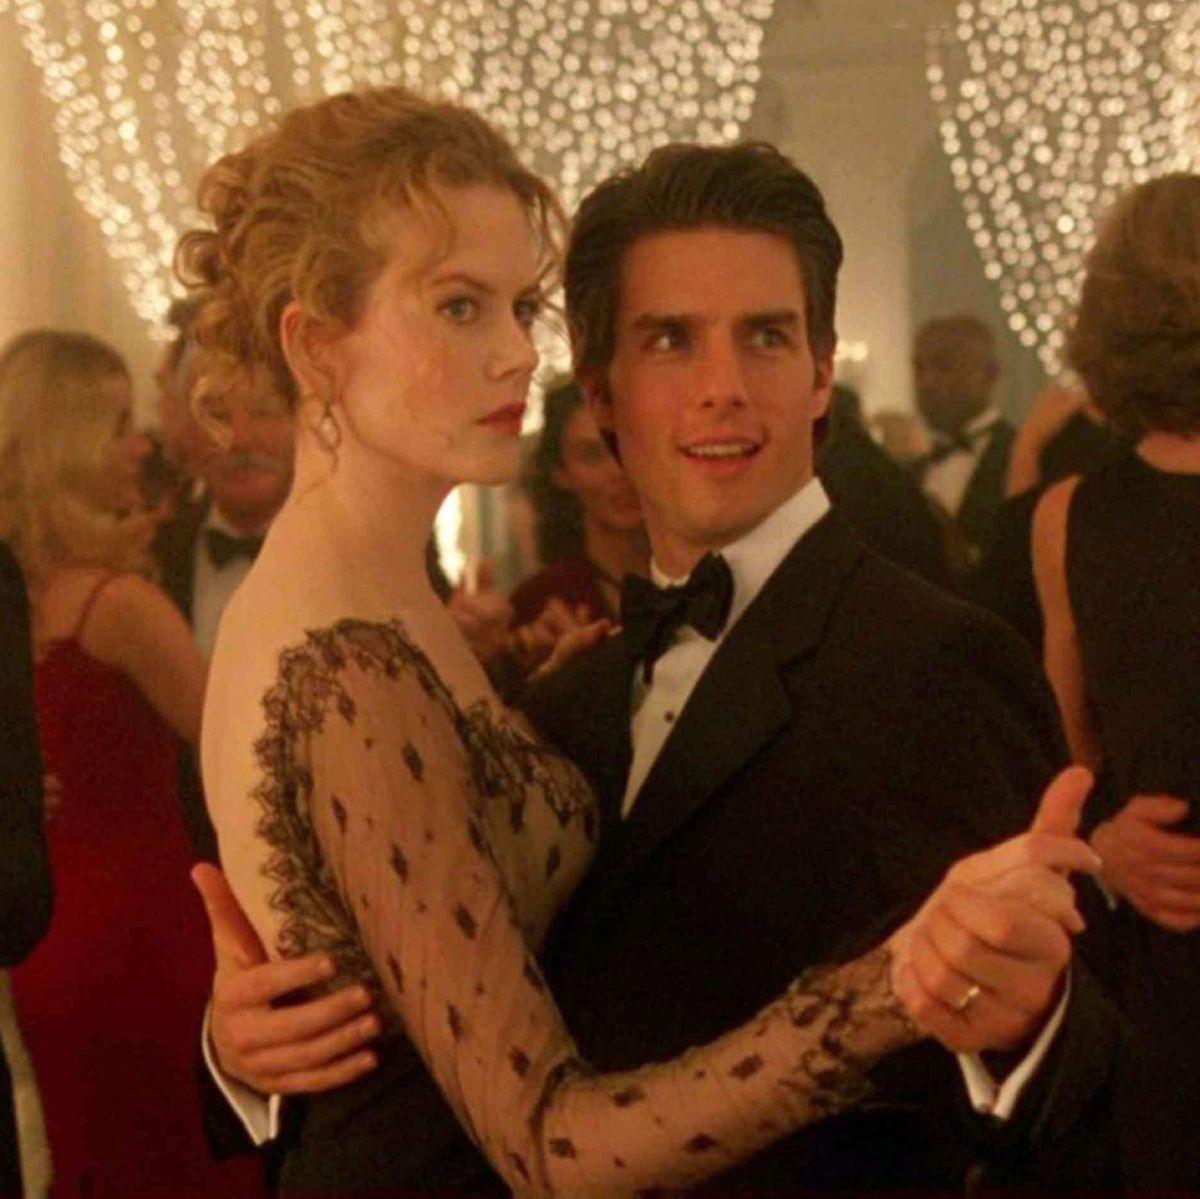 Με τον πρώην συζυγό της, Tom Cruise, στην ταινία που συμπρωταγωνιστούσαν, Μάτια Ερμητικά Κλειστά